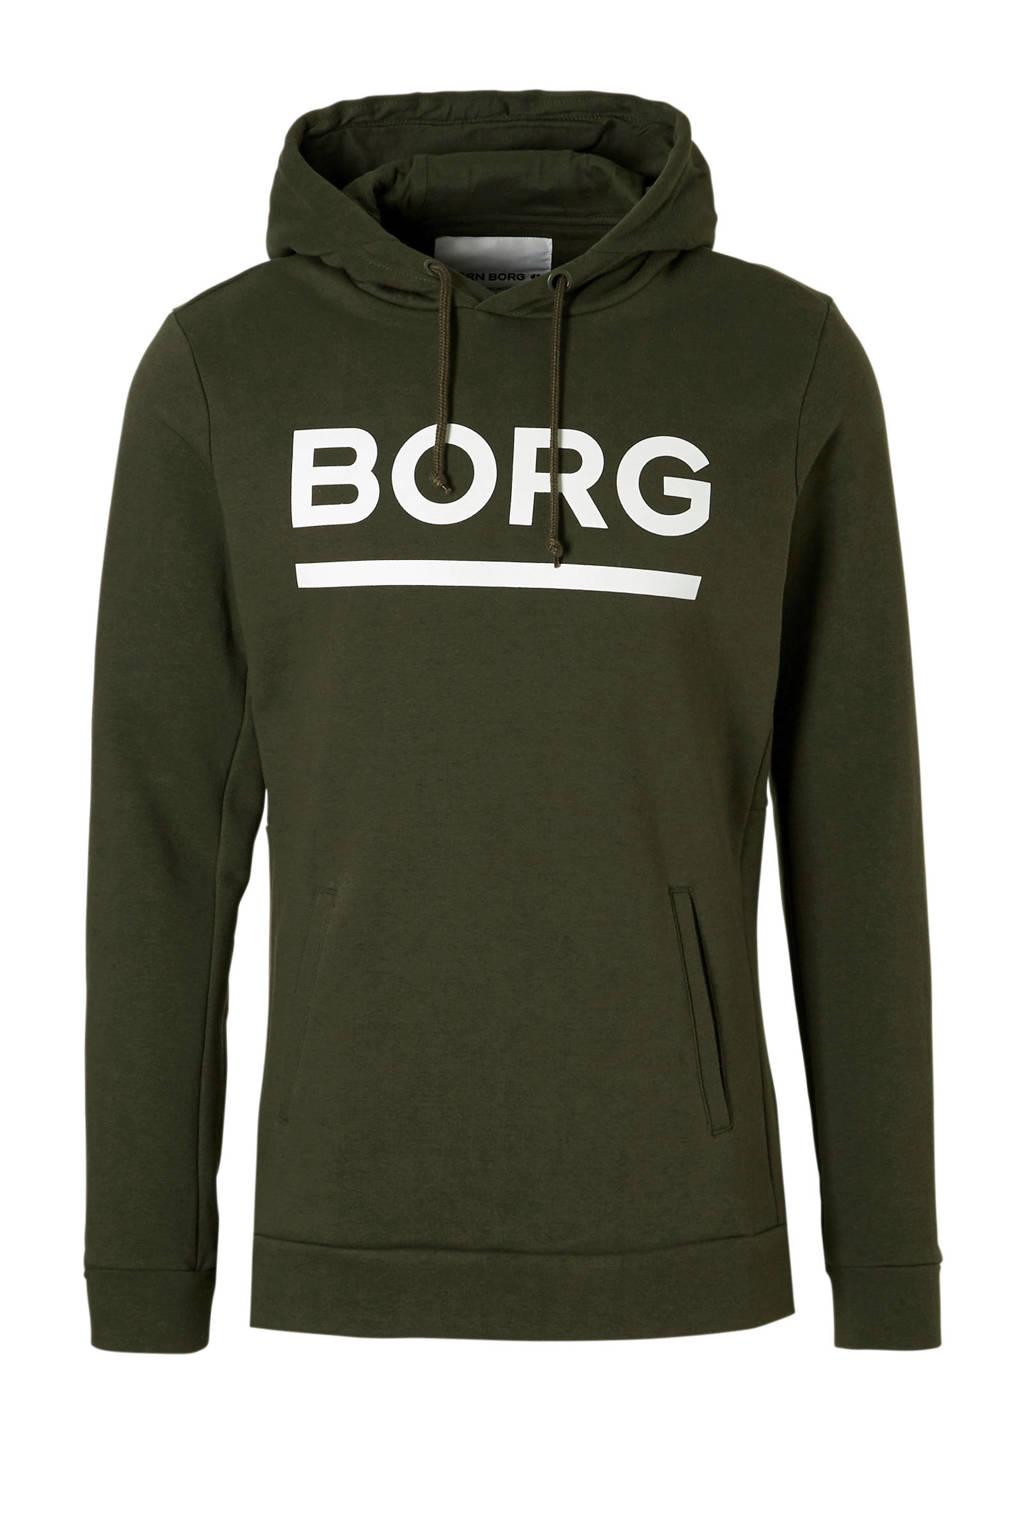 Donkergroen Borg Björn Donkergroen Hoodie Hoodie Björn Borg Donkergroen Hoodie Björn Borg Borg Björn N8w0Oymnv